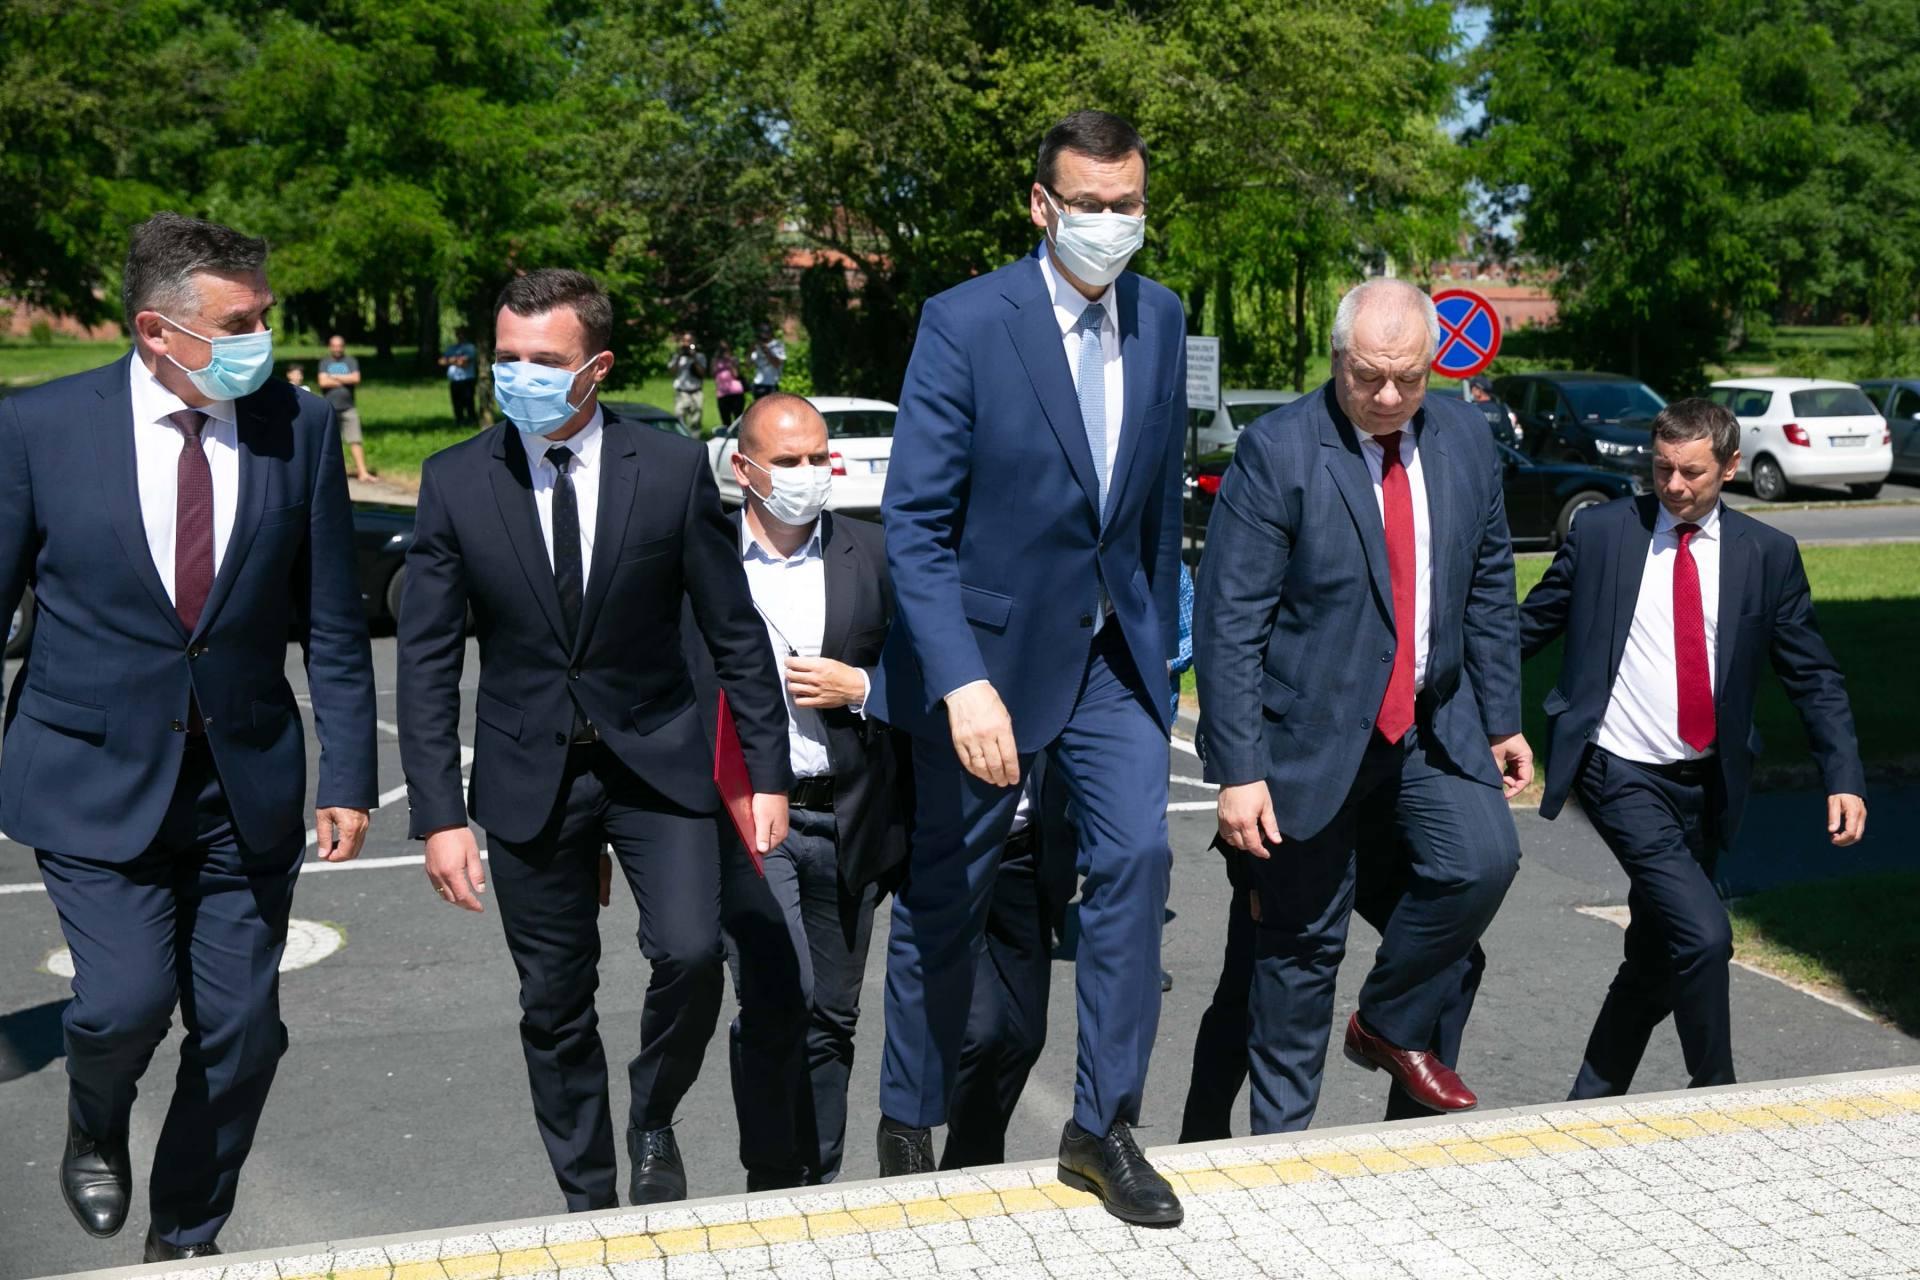 premier morawiecki w zamosciu 4 Premier Mateusz Morawiecki spotkał się z samorządowcami z Zamojszczyzny [ZDJĘCIA]